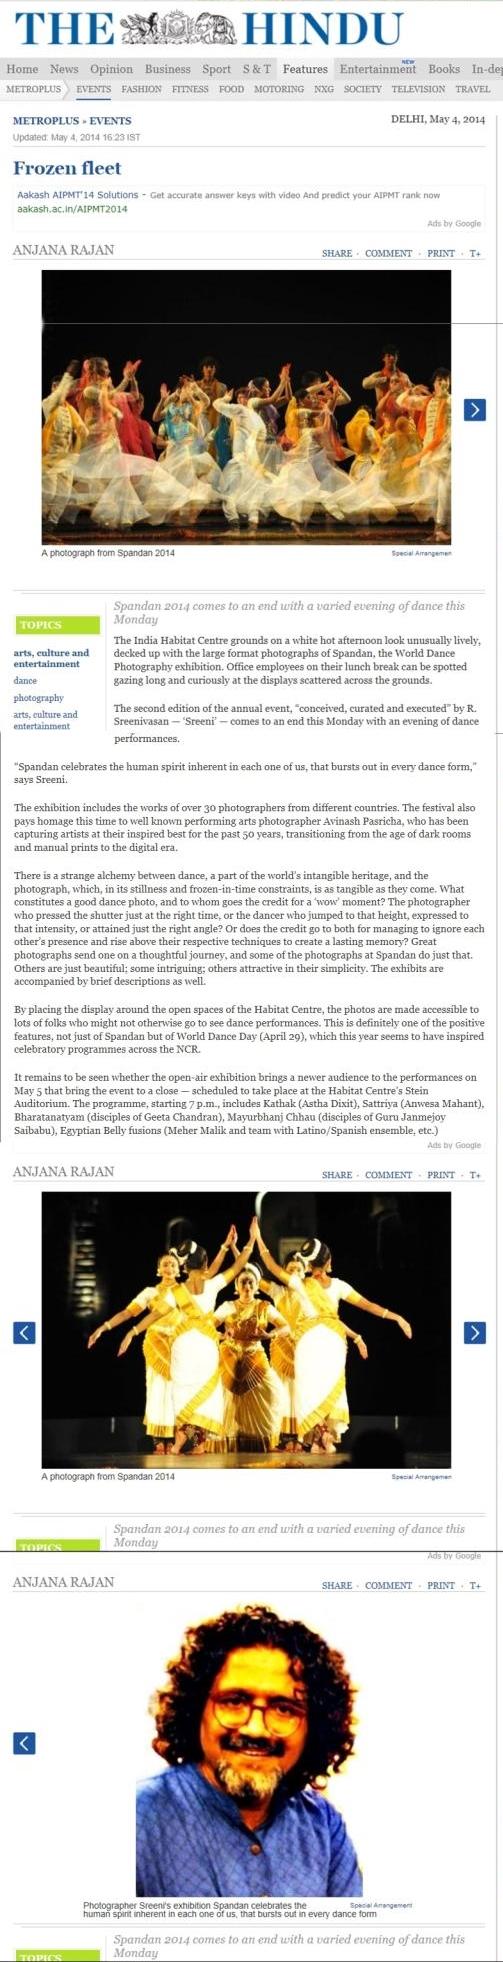 SPANDAN 2014 - The Hindu Article by Ms. Anjana Rajan